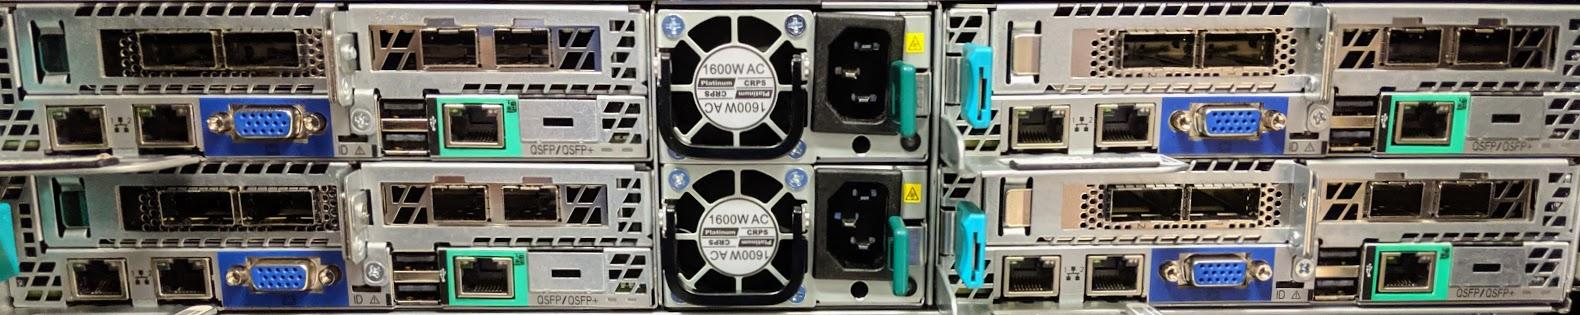 Intel 2U4N 2P Xeon E5 2630 V4 Load Gen Nodes